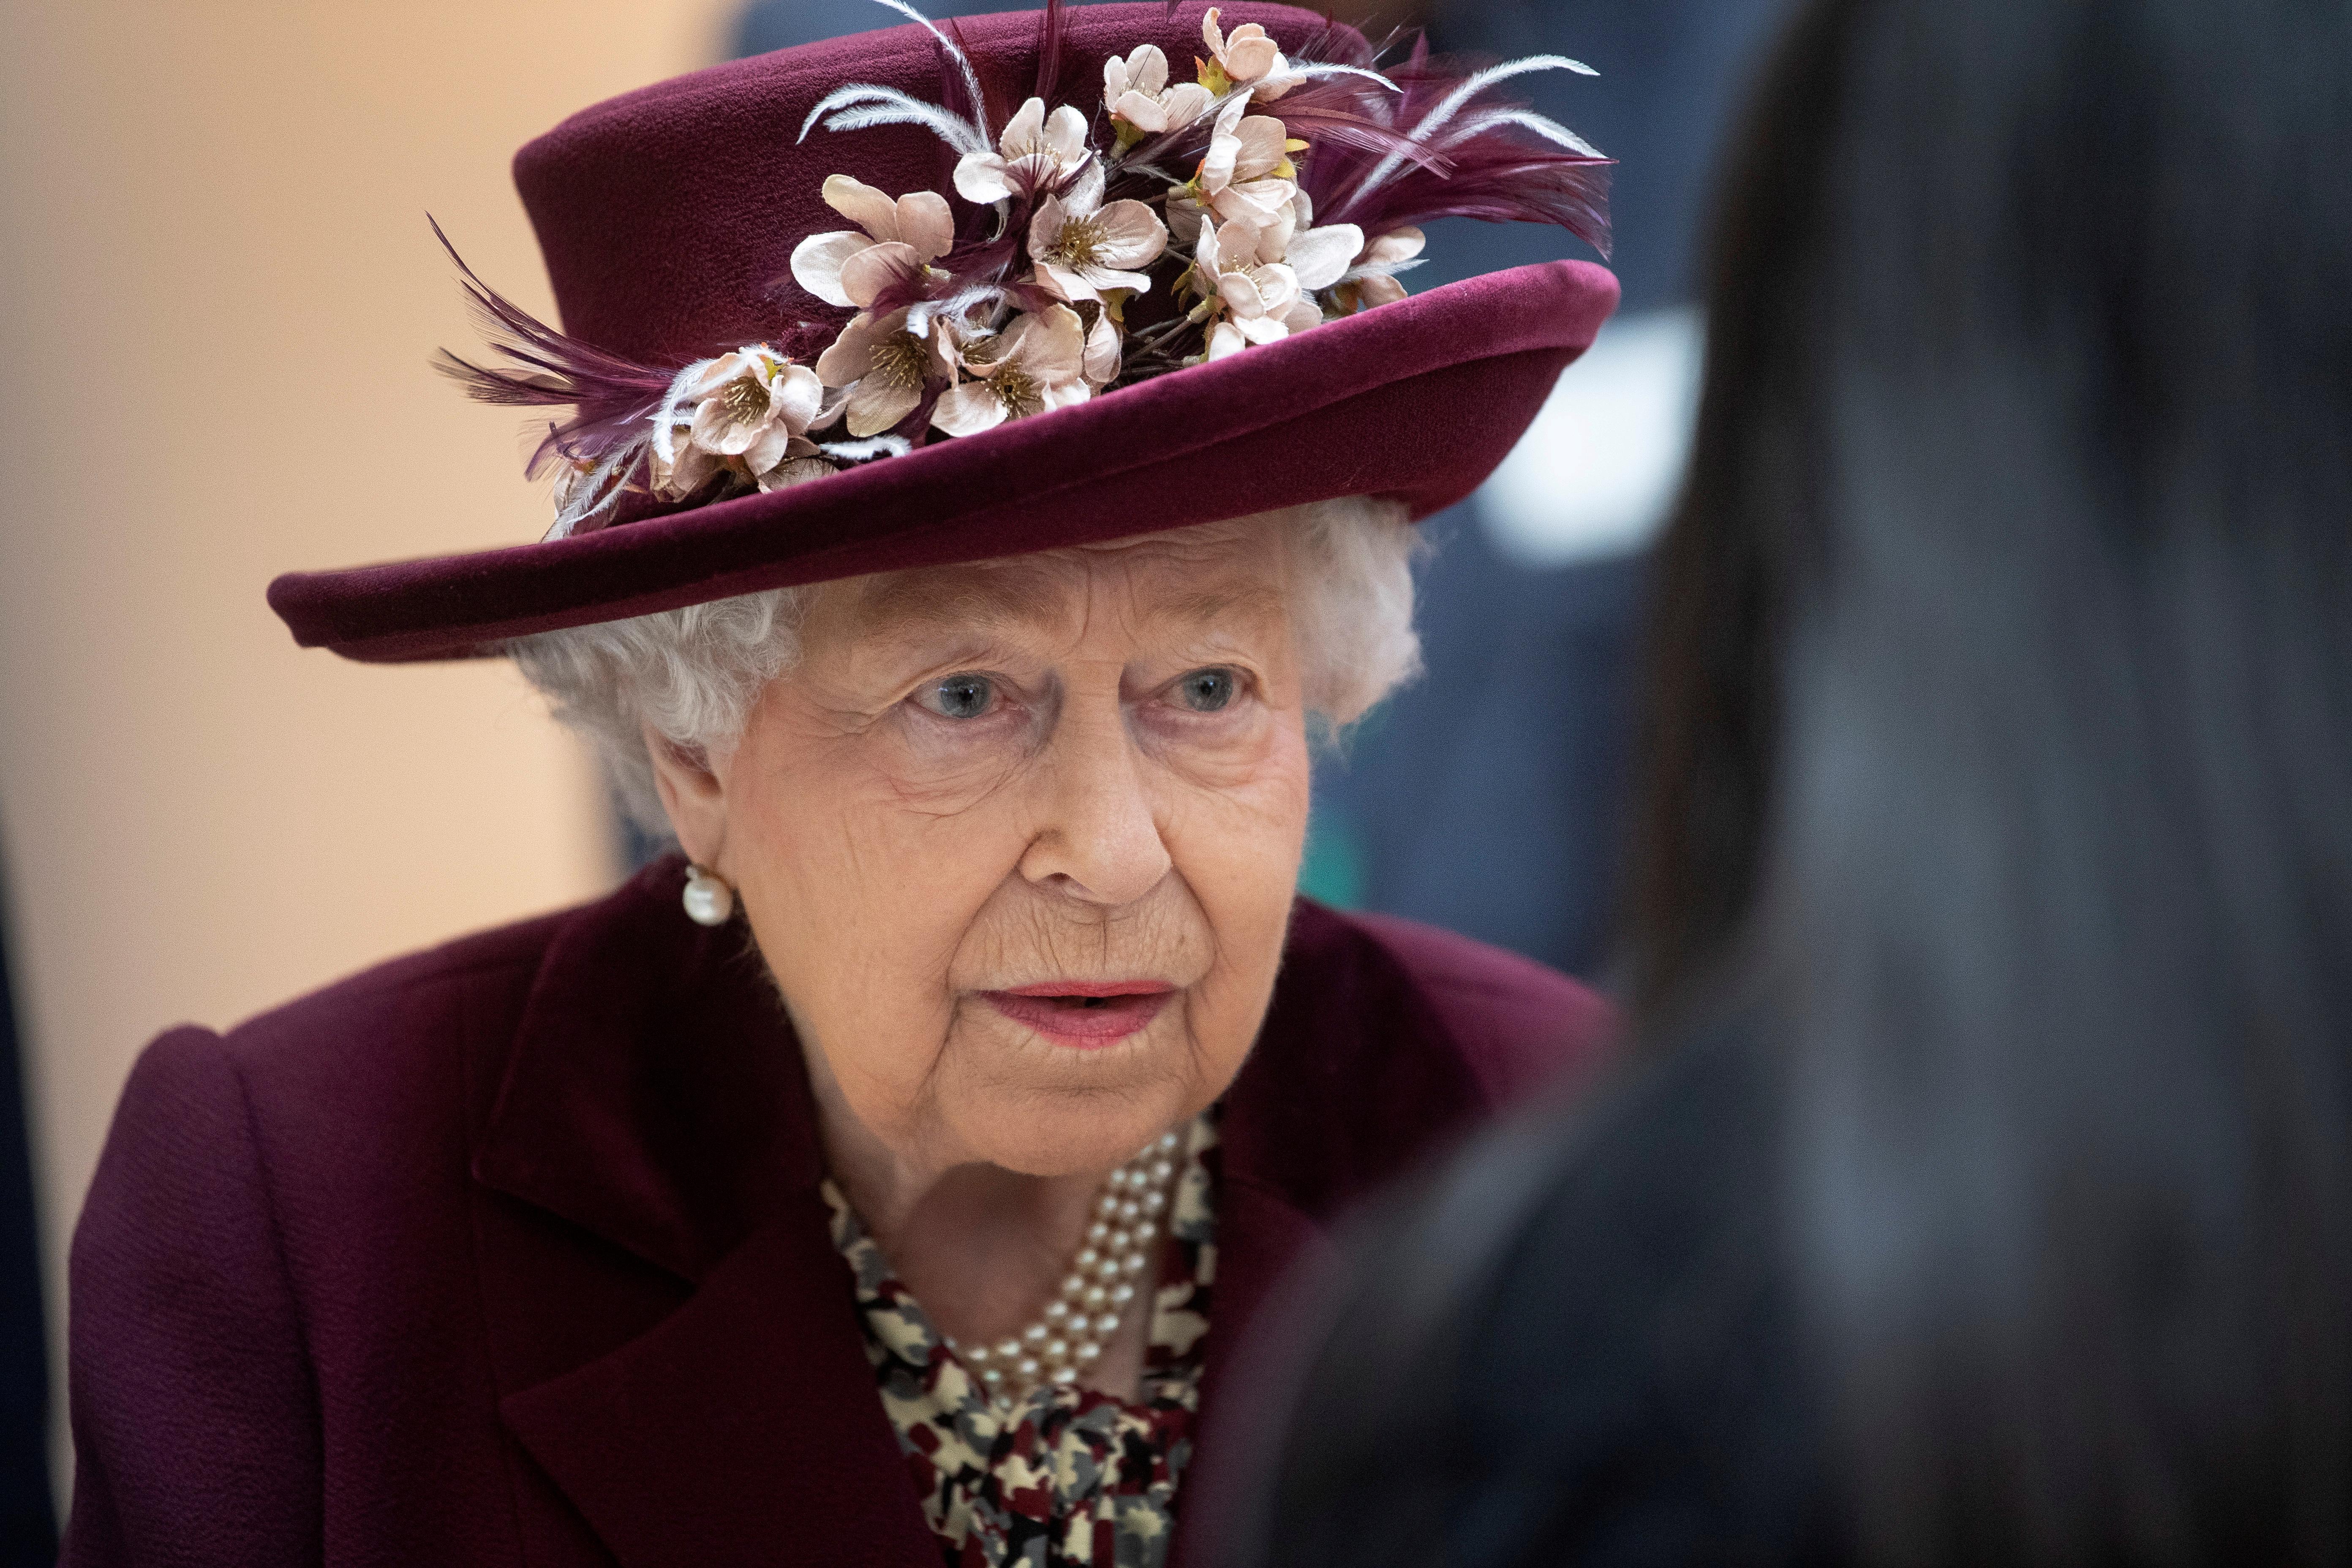 Le Premier ministre britannique Johnson reste isolé alors que la reine se prépare à s'adresser à la nation